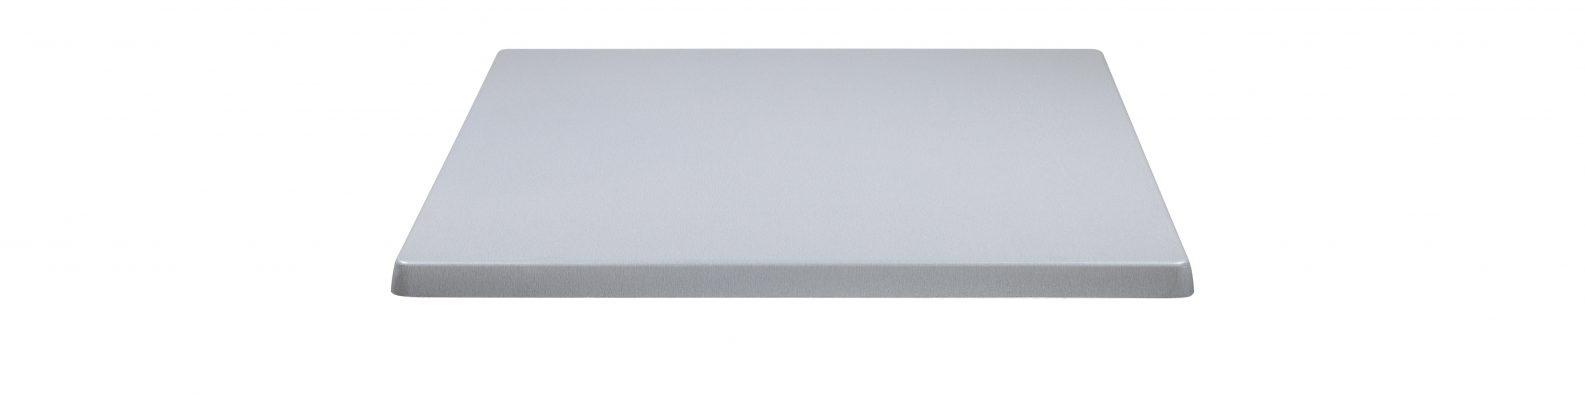 Bordsskiva 70x70cm, ljusgrå, Xirbi